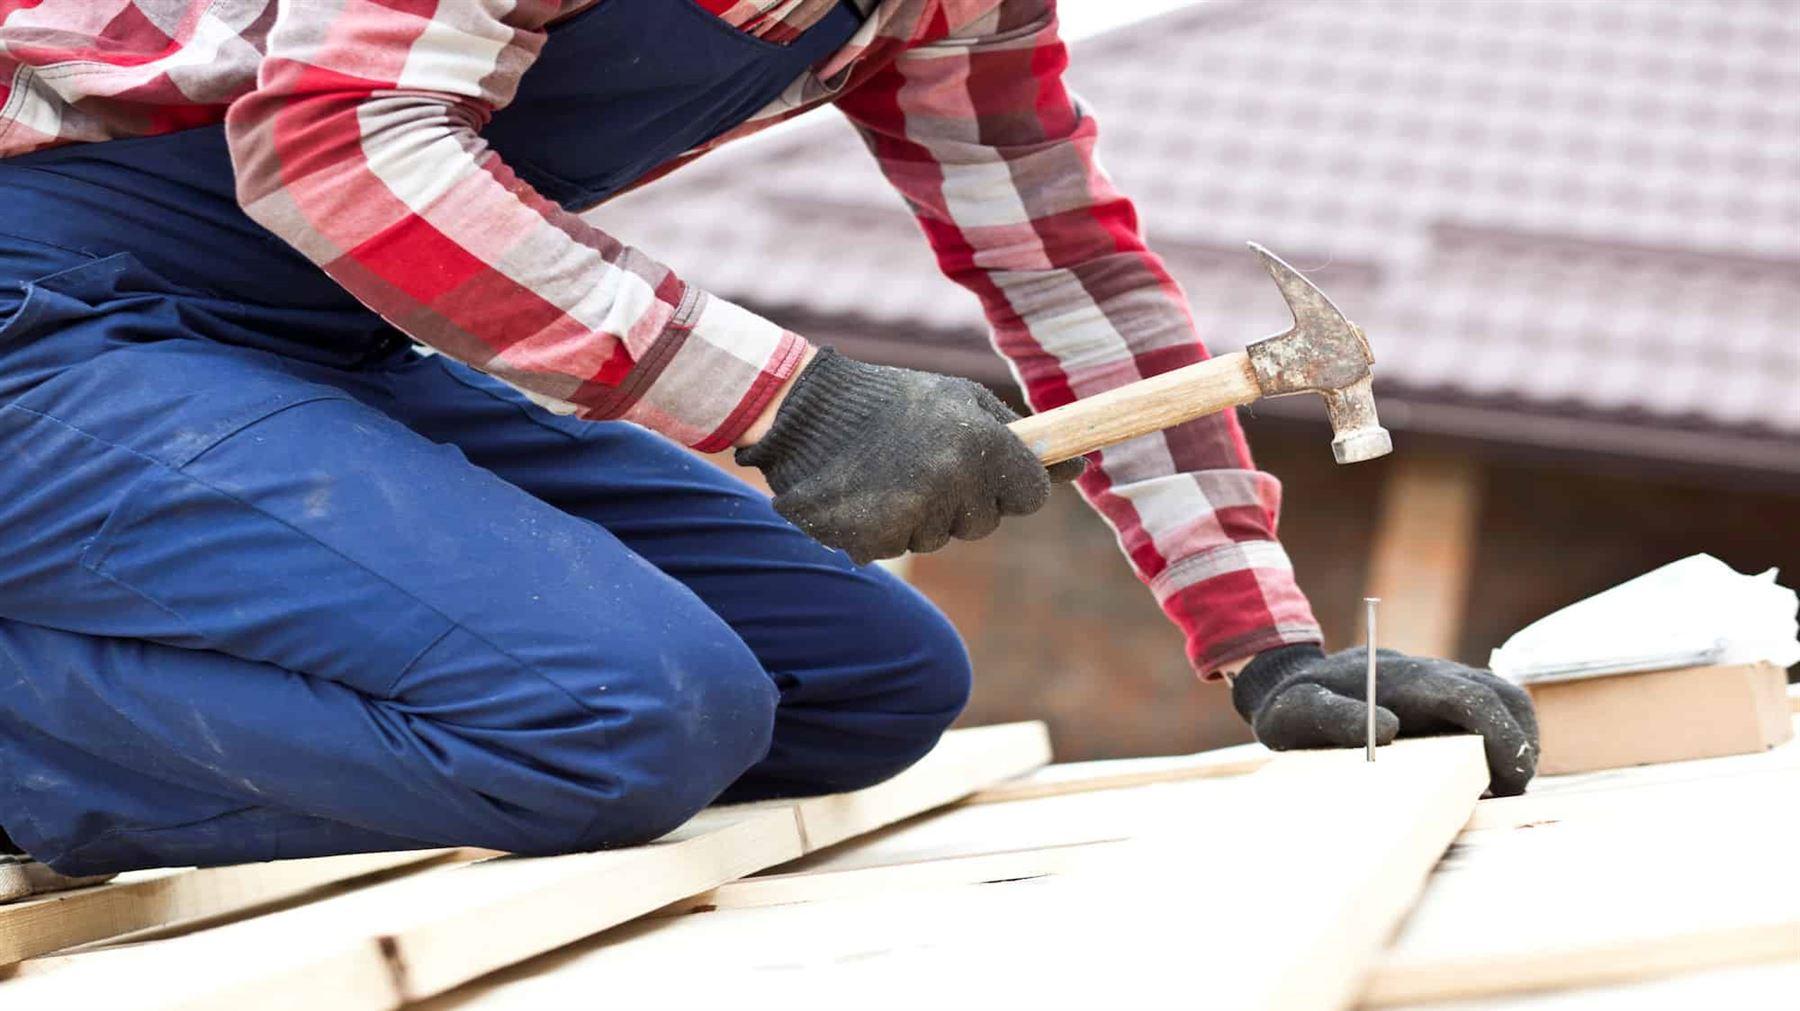 NuLu Roofing Contractors of Louisville